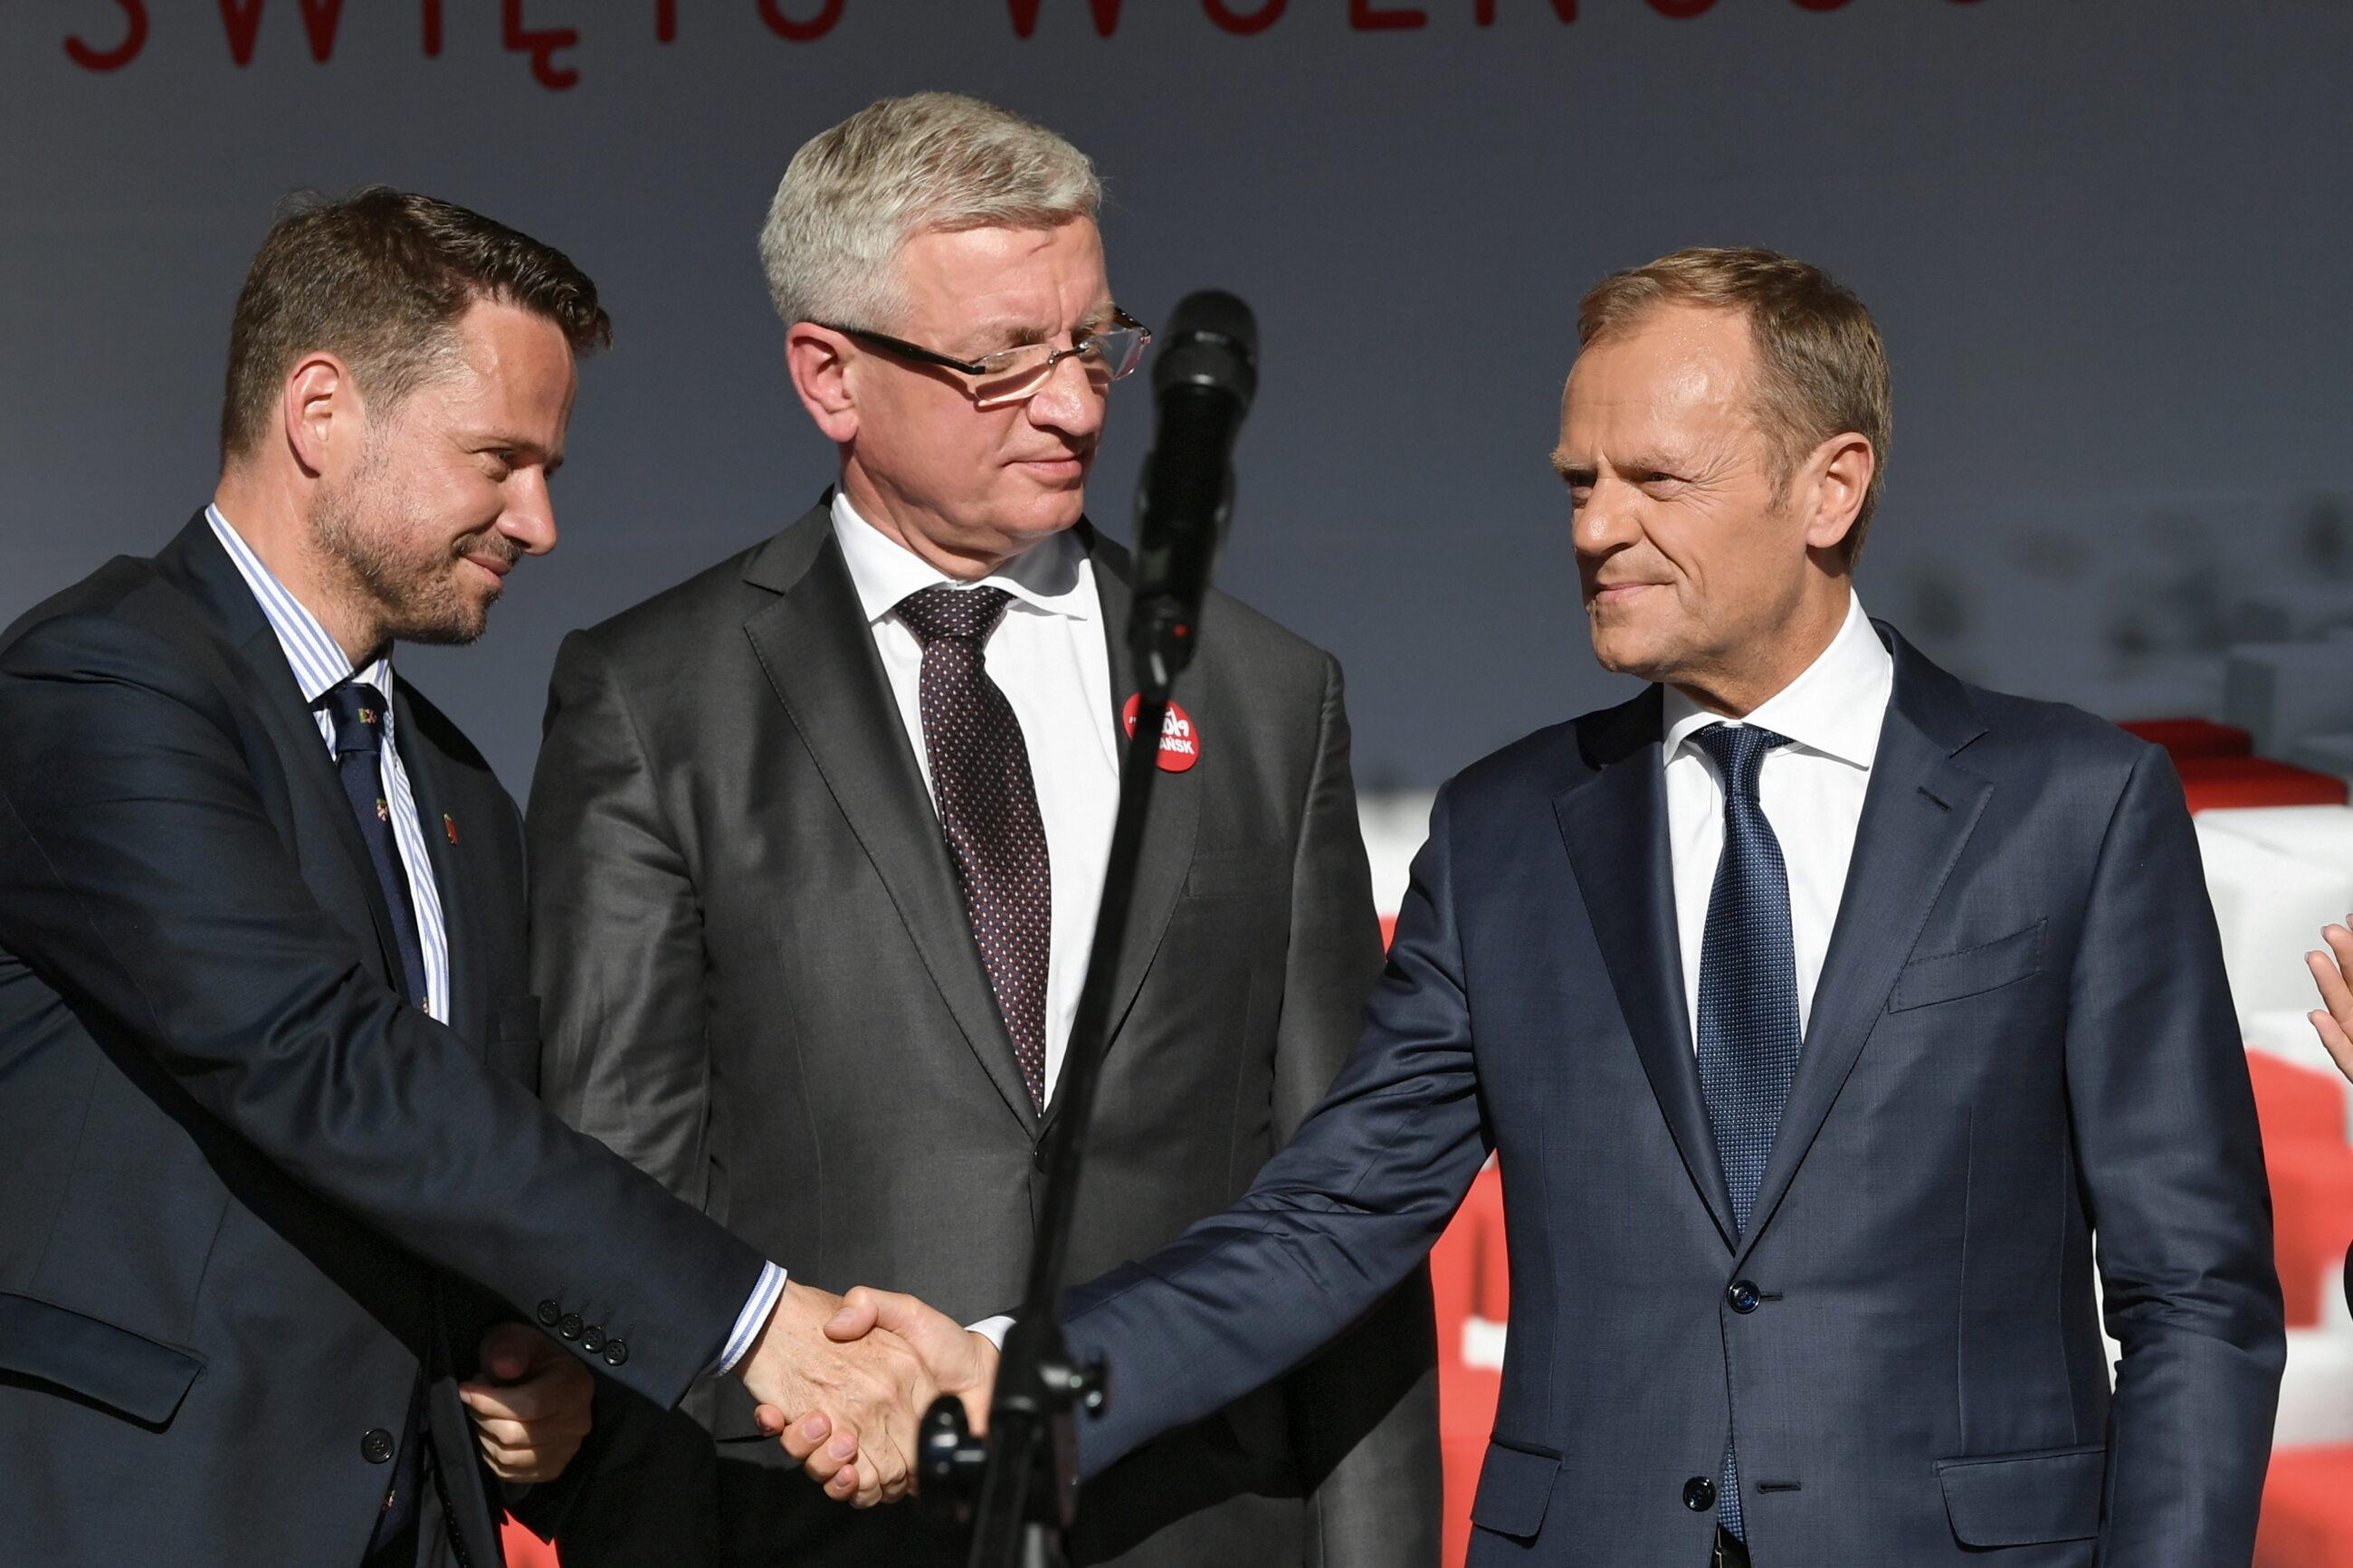 Rafał Trzaskowski, Jacek Jaśkowiak i Donald Tusk